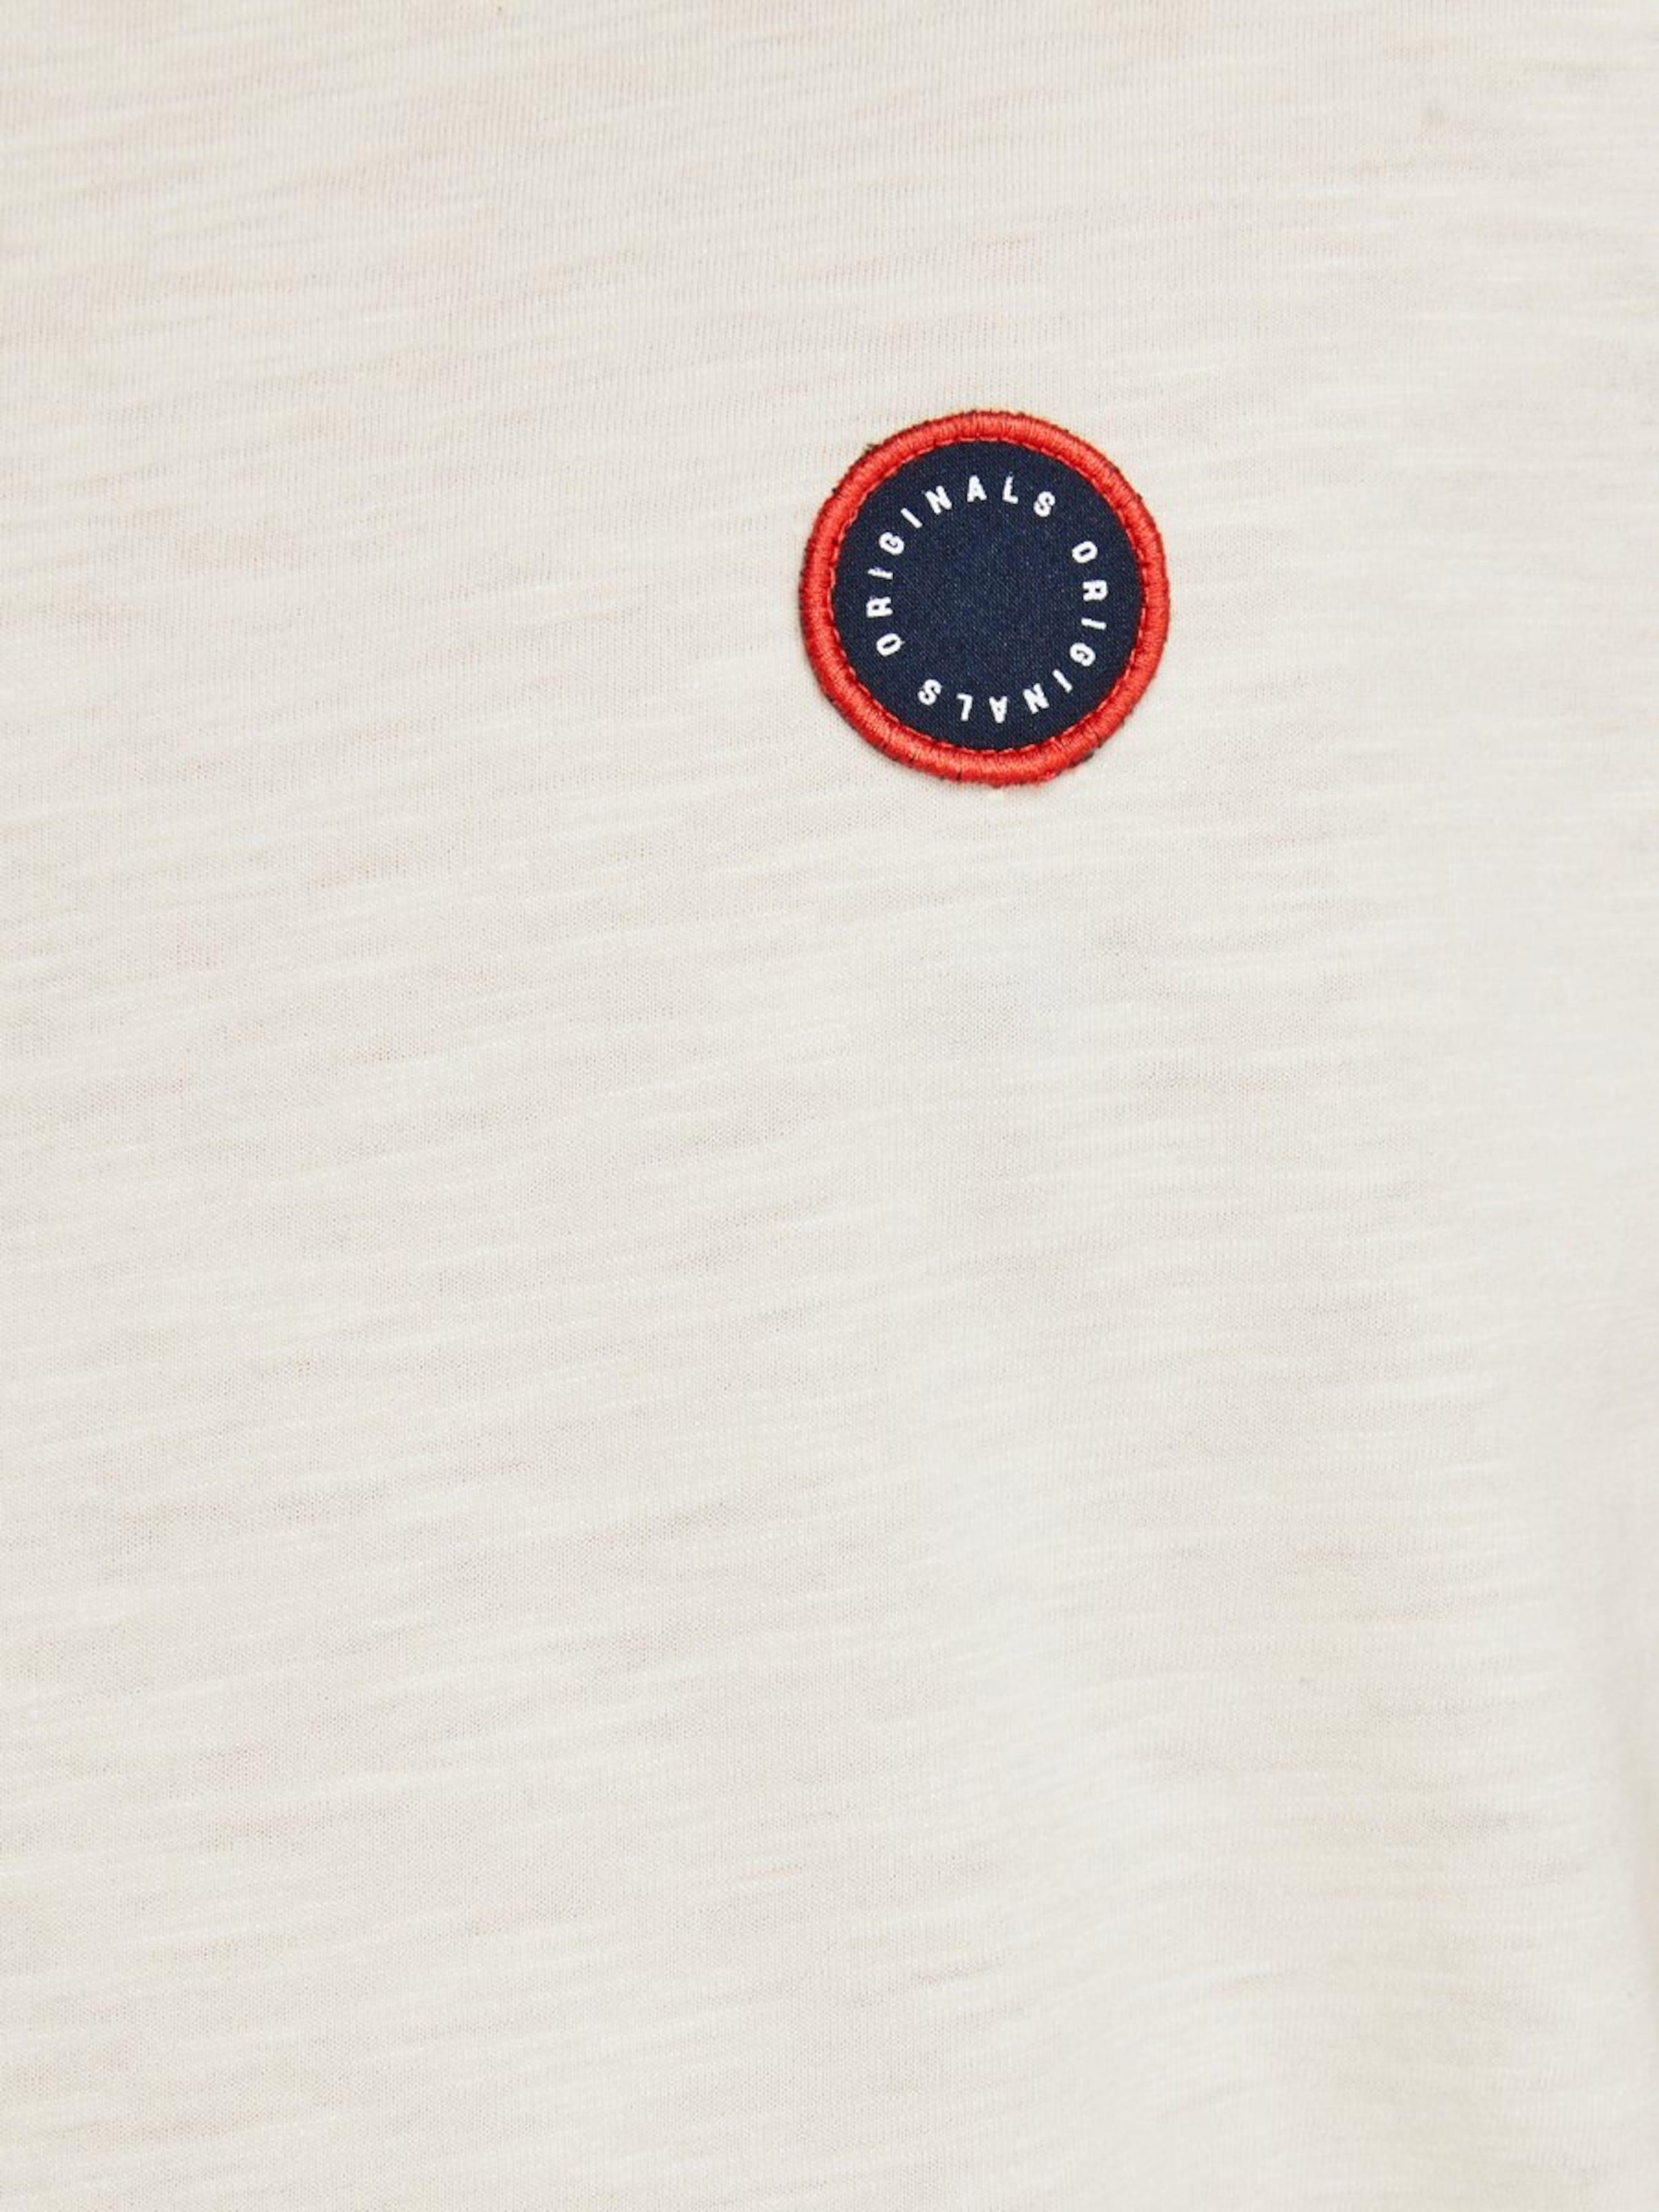 Jackamp; shirt Chiné Jones En Beige T 6bvyYf7g